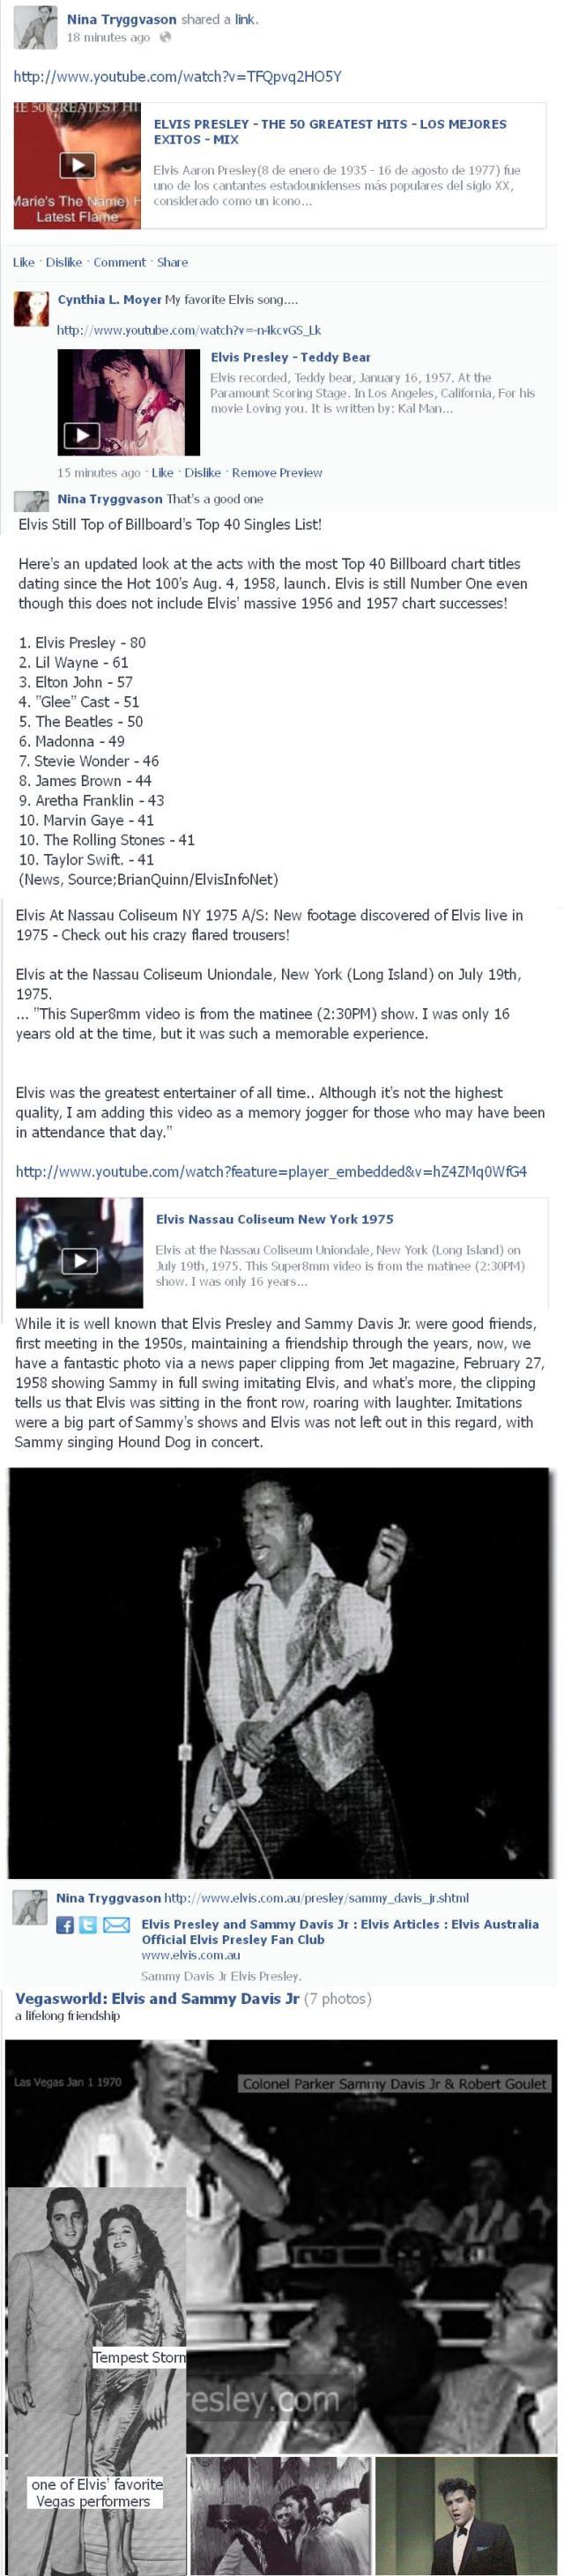 Elvis is still King